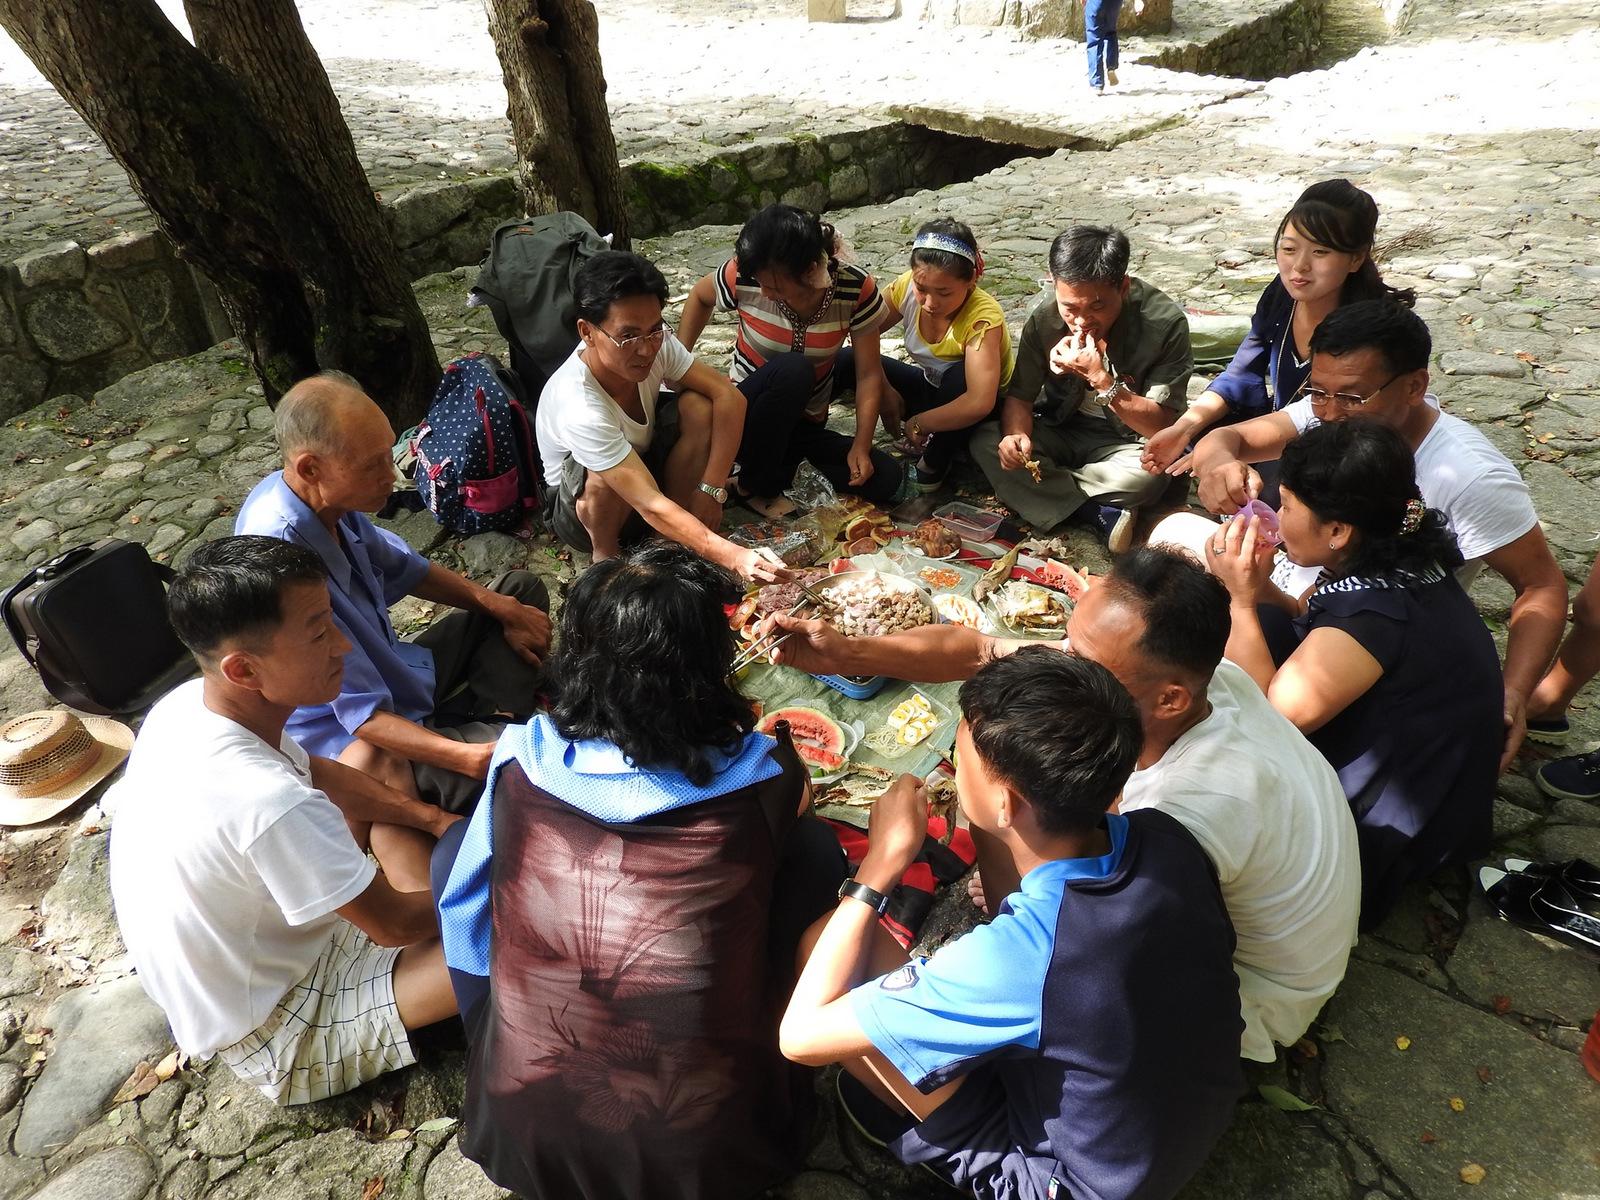 Παρέα βορειοκορεατών κάνουν πικ νικ κοντά στην περιοχή των καταρρακτών Πακυόνγκ, 100 χιλιόμετρα από την πρωτεύουσα.